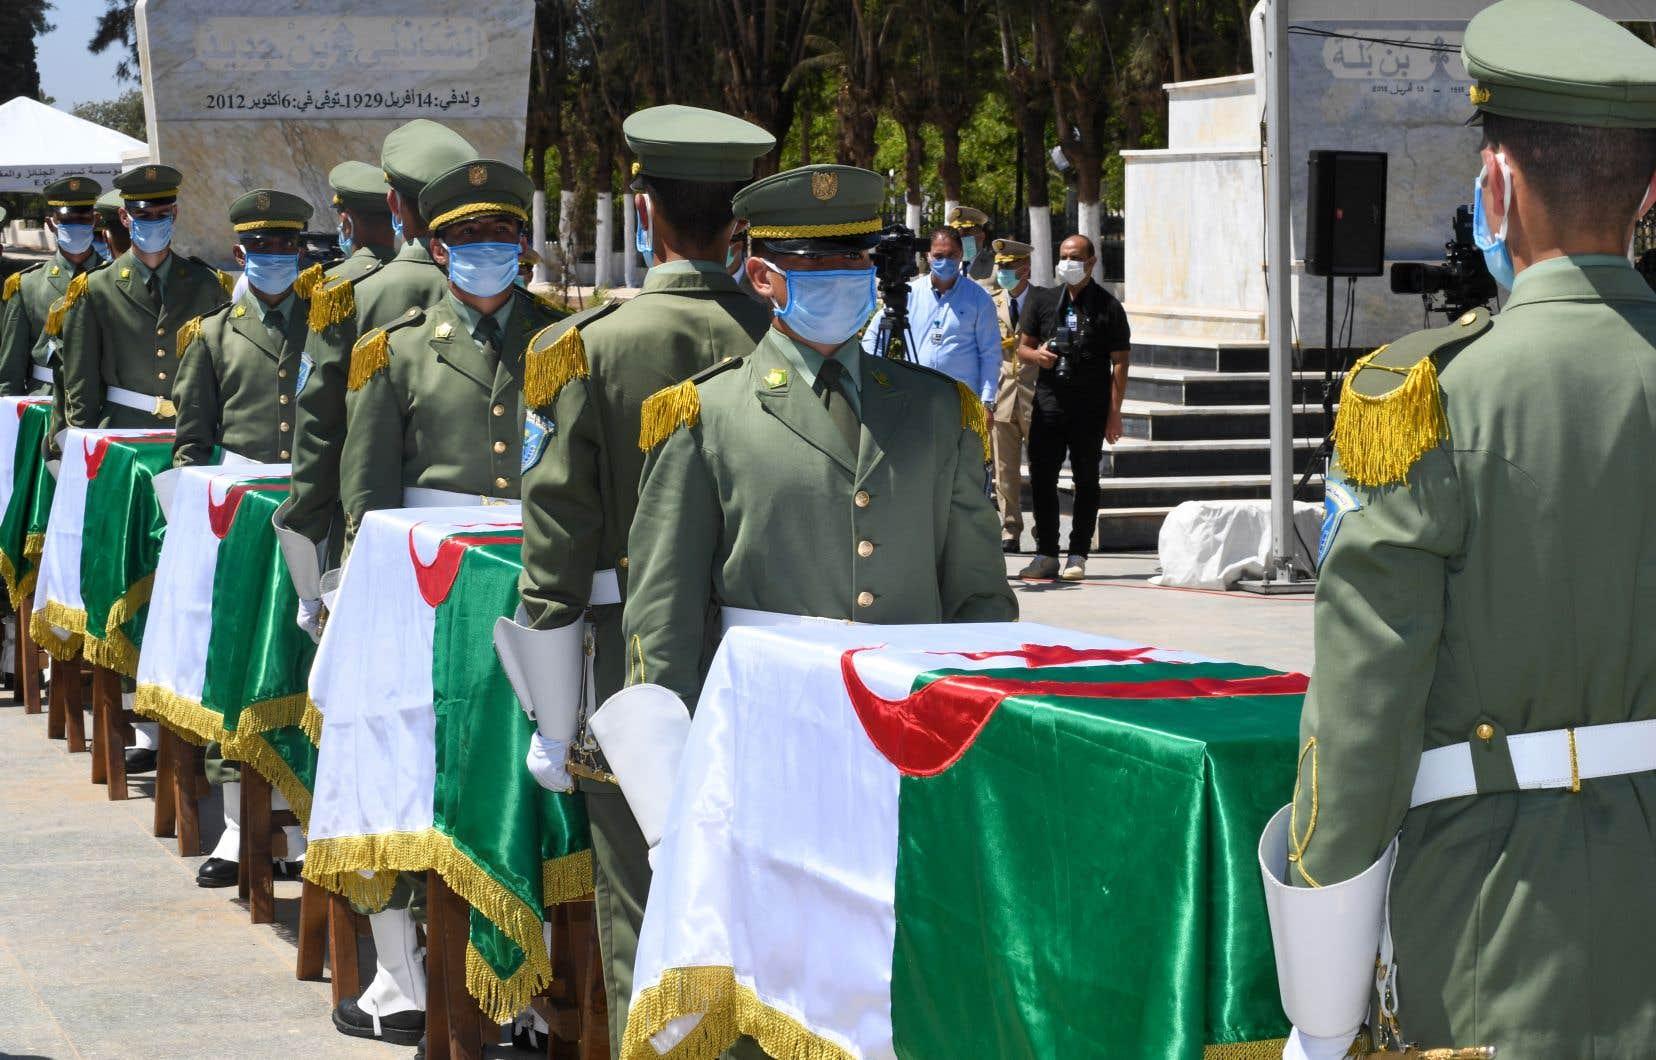 Les restes des 24 combattants remis par la France ont été enterrés au jour de l'anniversaire de l'indépendance de l'Algérie, dimanche.